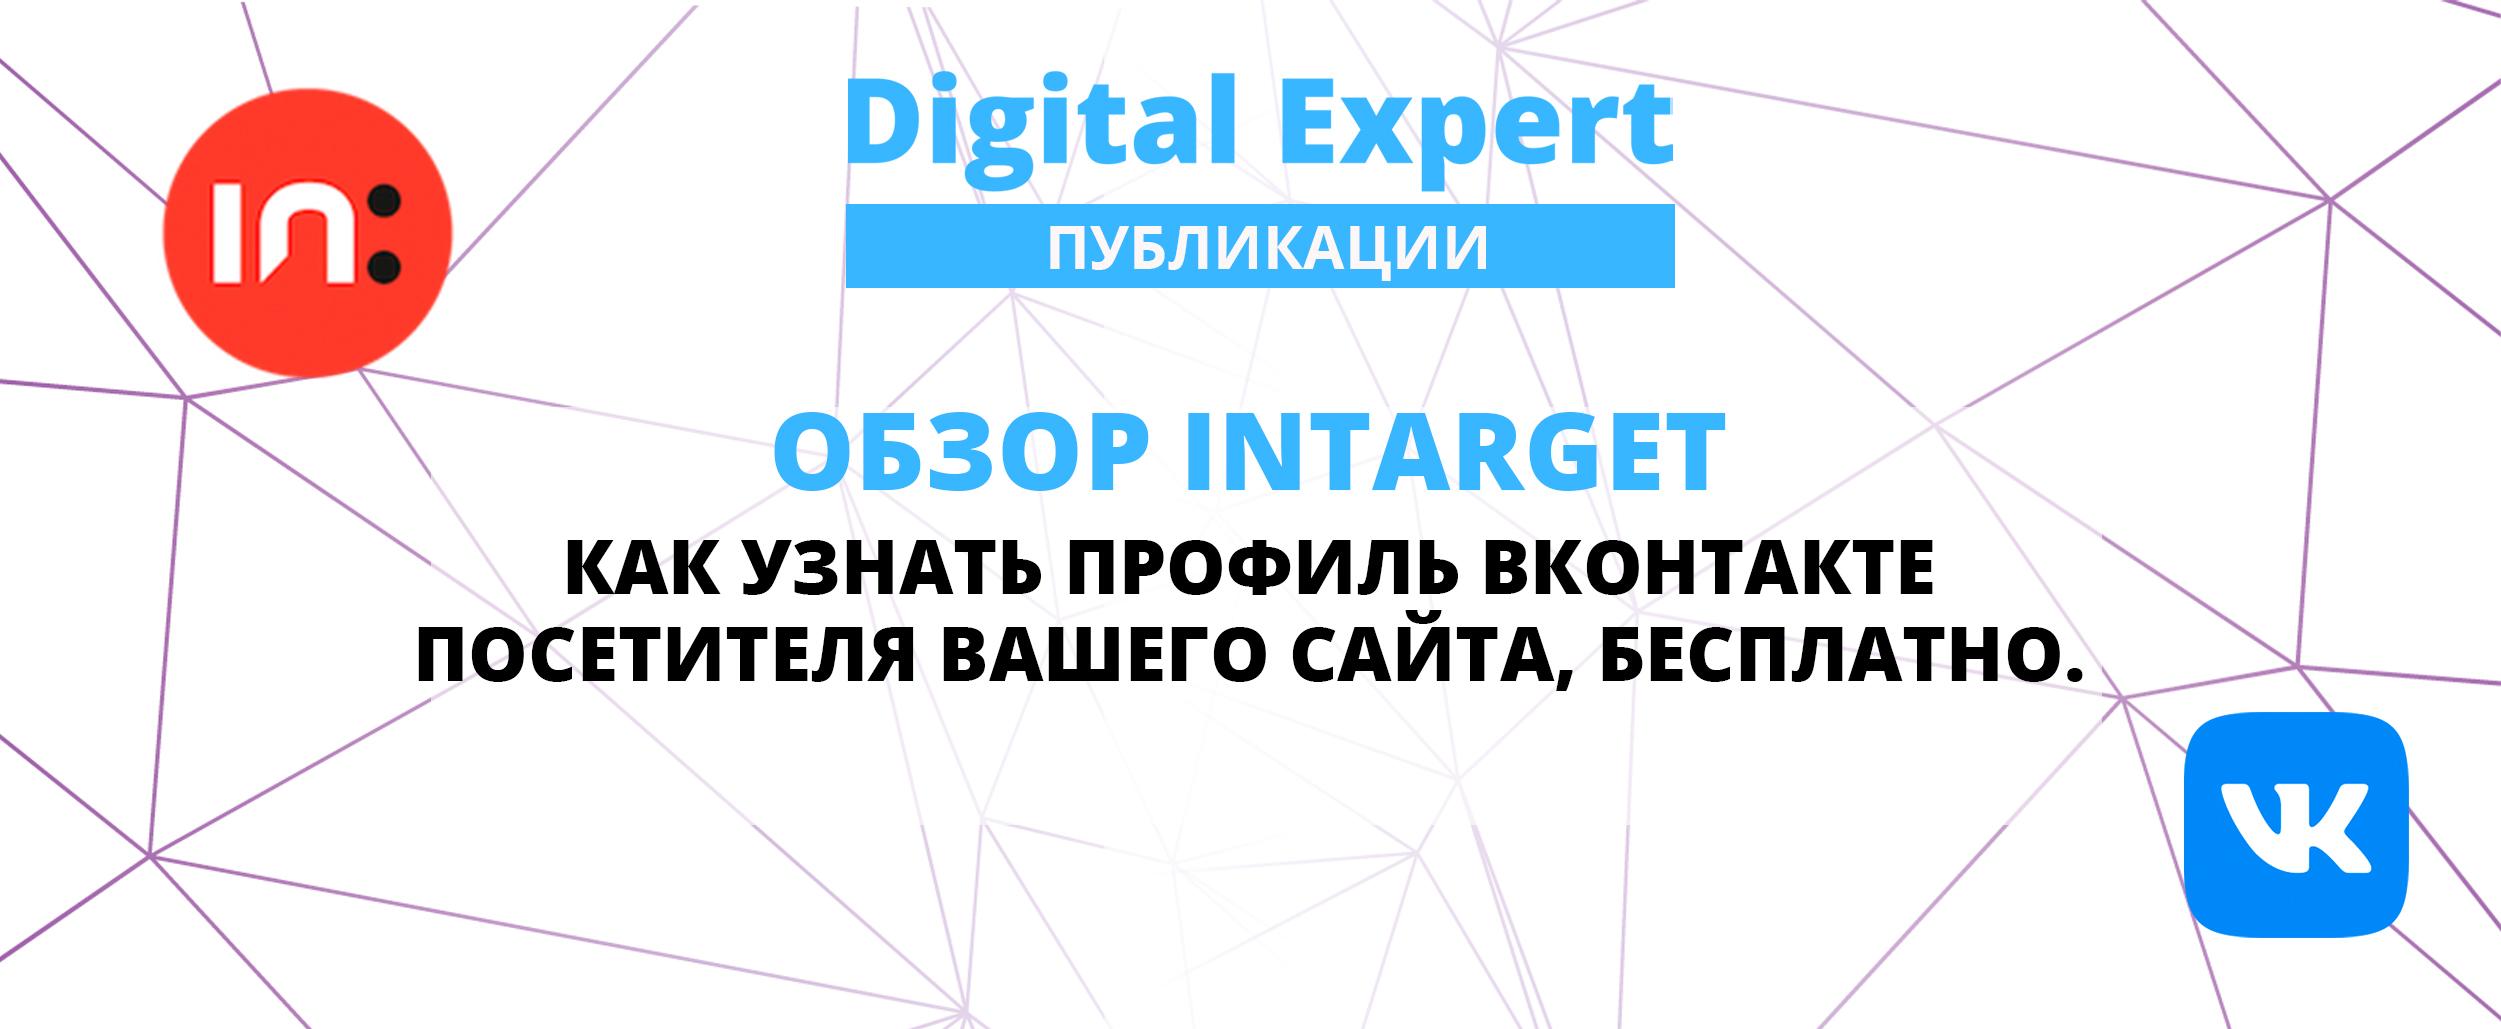 Обзор inTarget. Как узнать профиль ВКонтакте посетителя вашего сайта, бесплатно.